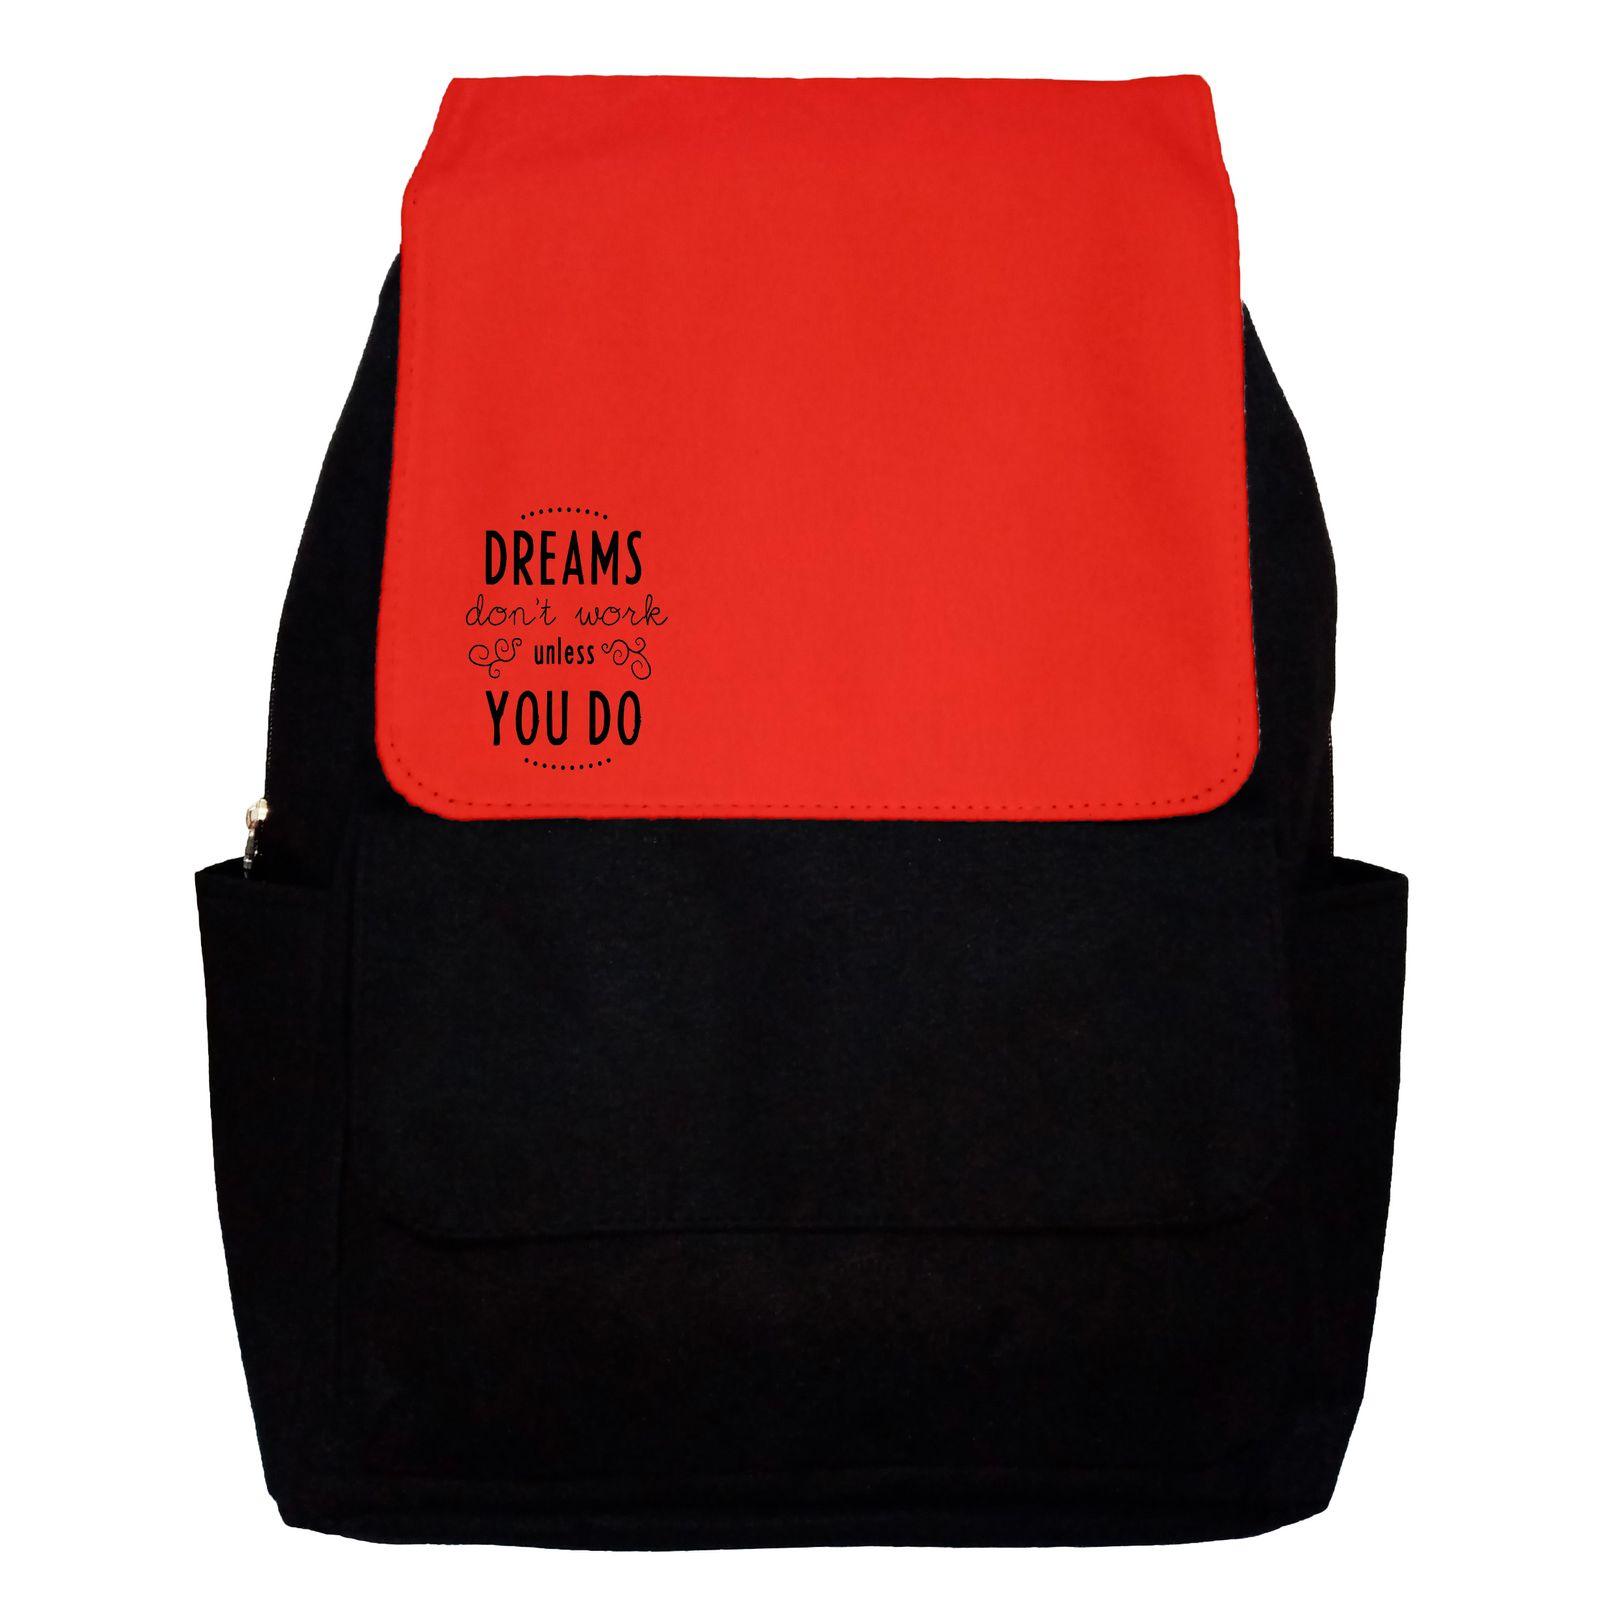 کوله پشتی طرح Dream مدل G11 -  - 5